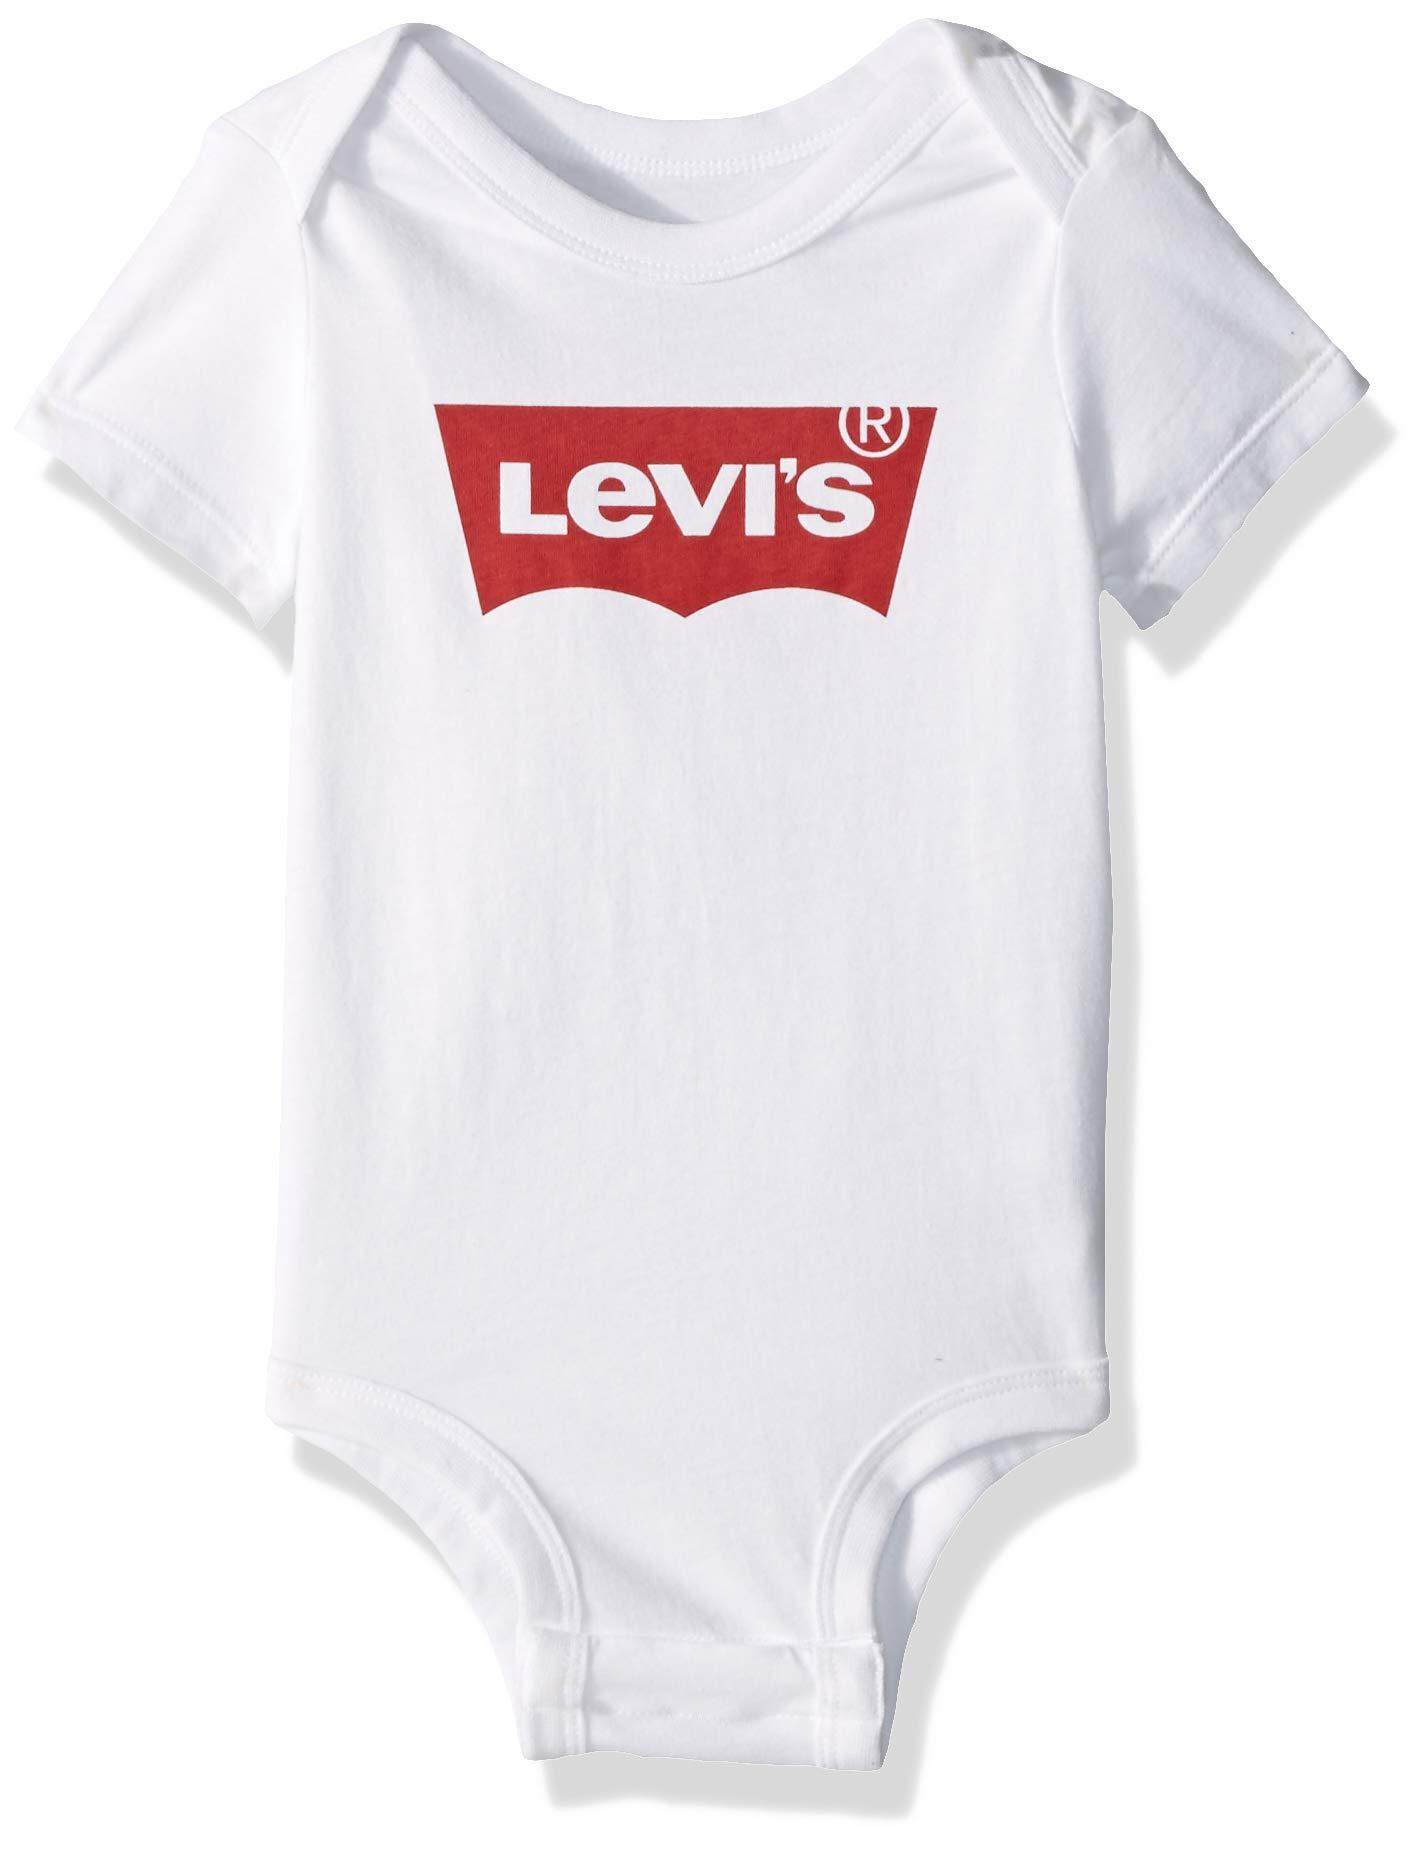 Levi's Baby Graphic Bodysuit